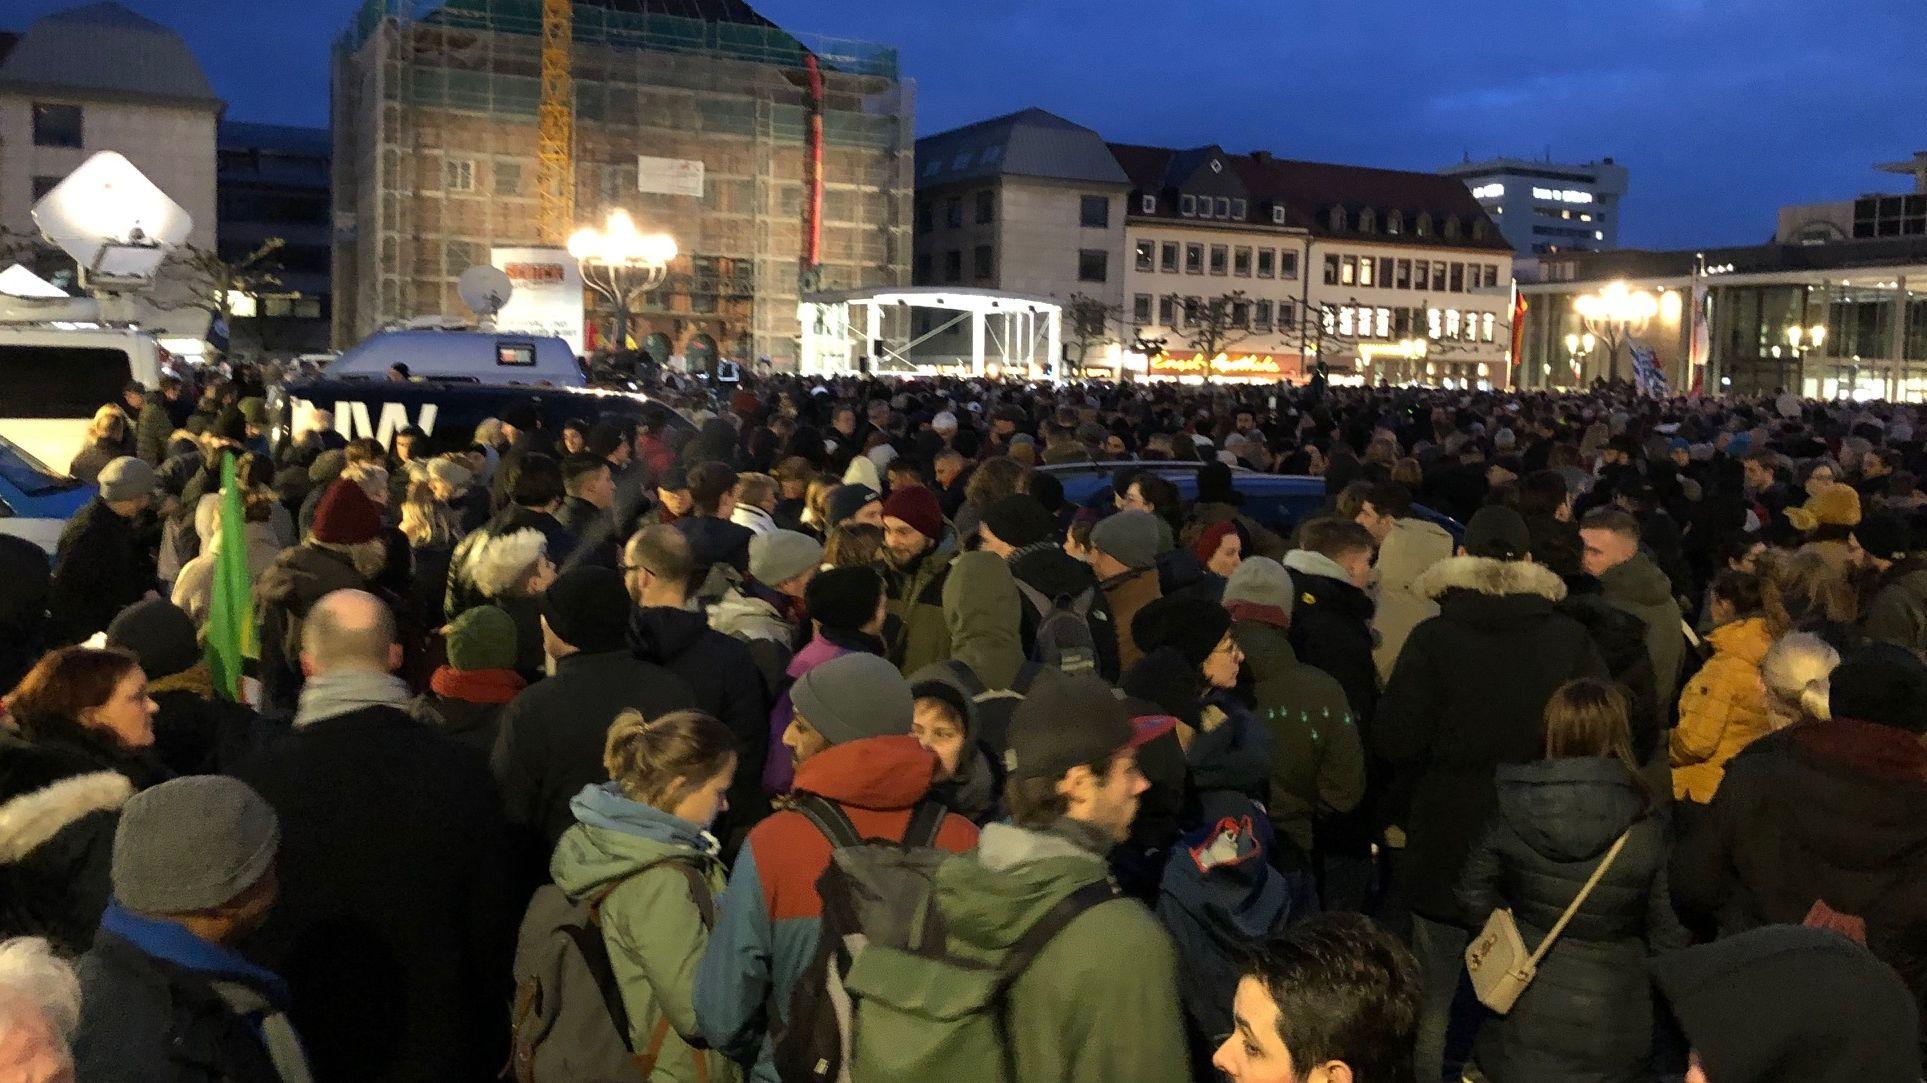 Mahnwoche in Hanau, in der Stadt, wo am Mittwochabend die Gewalttat geschehen war.